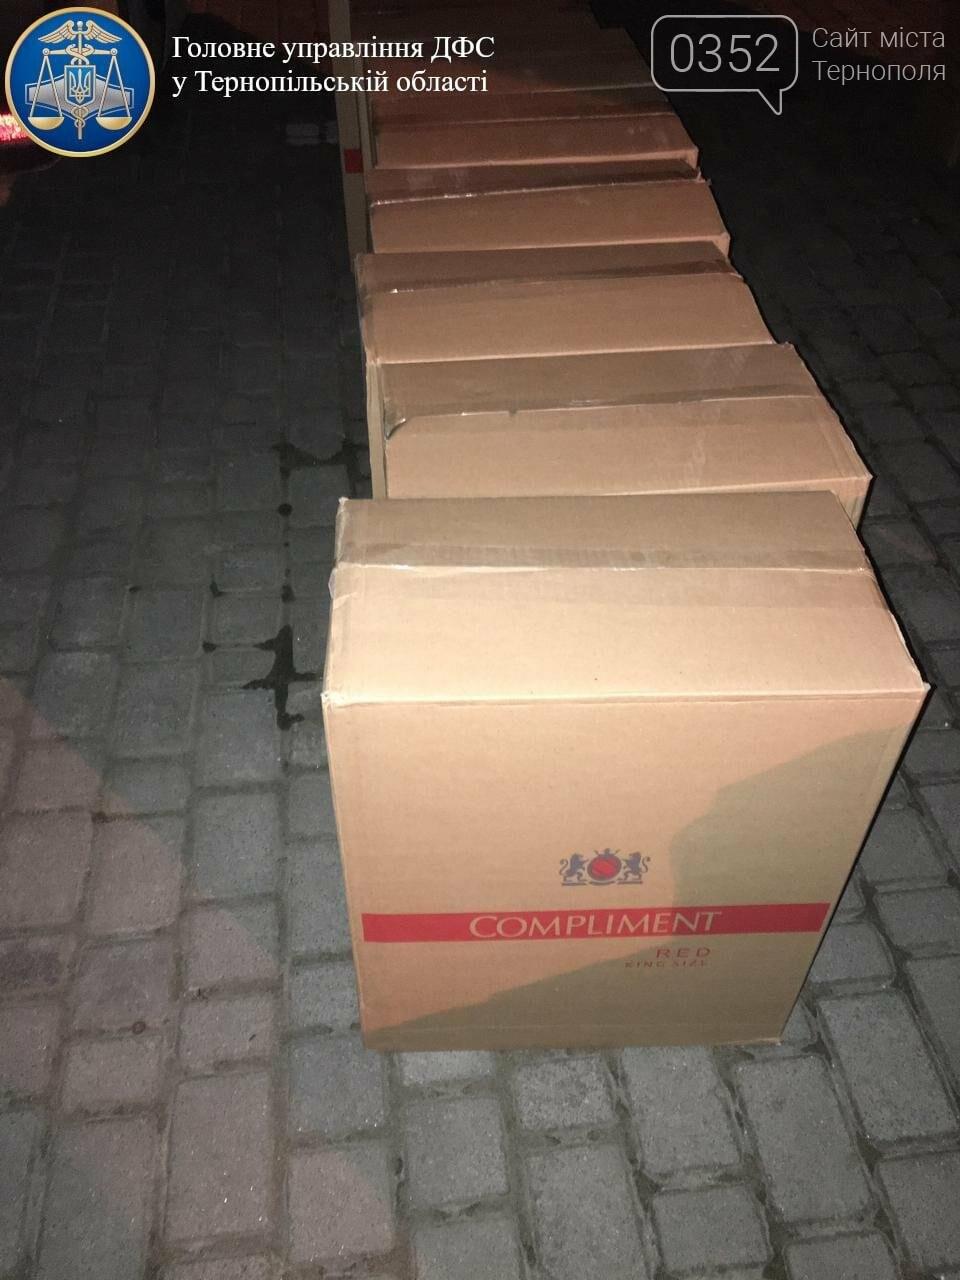 У тернополянина виявили 12 тисяч пачок цигарок (ФОТО), фото-4